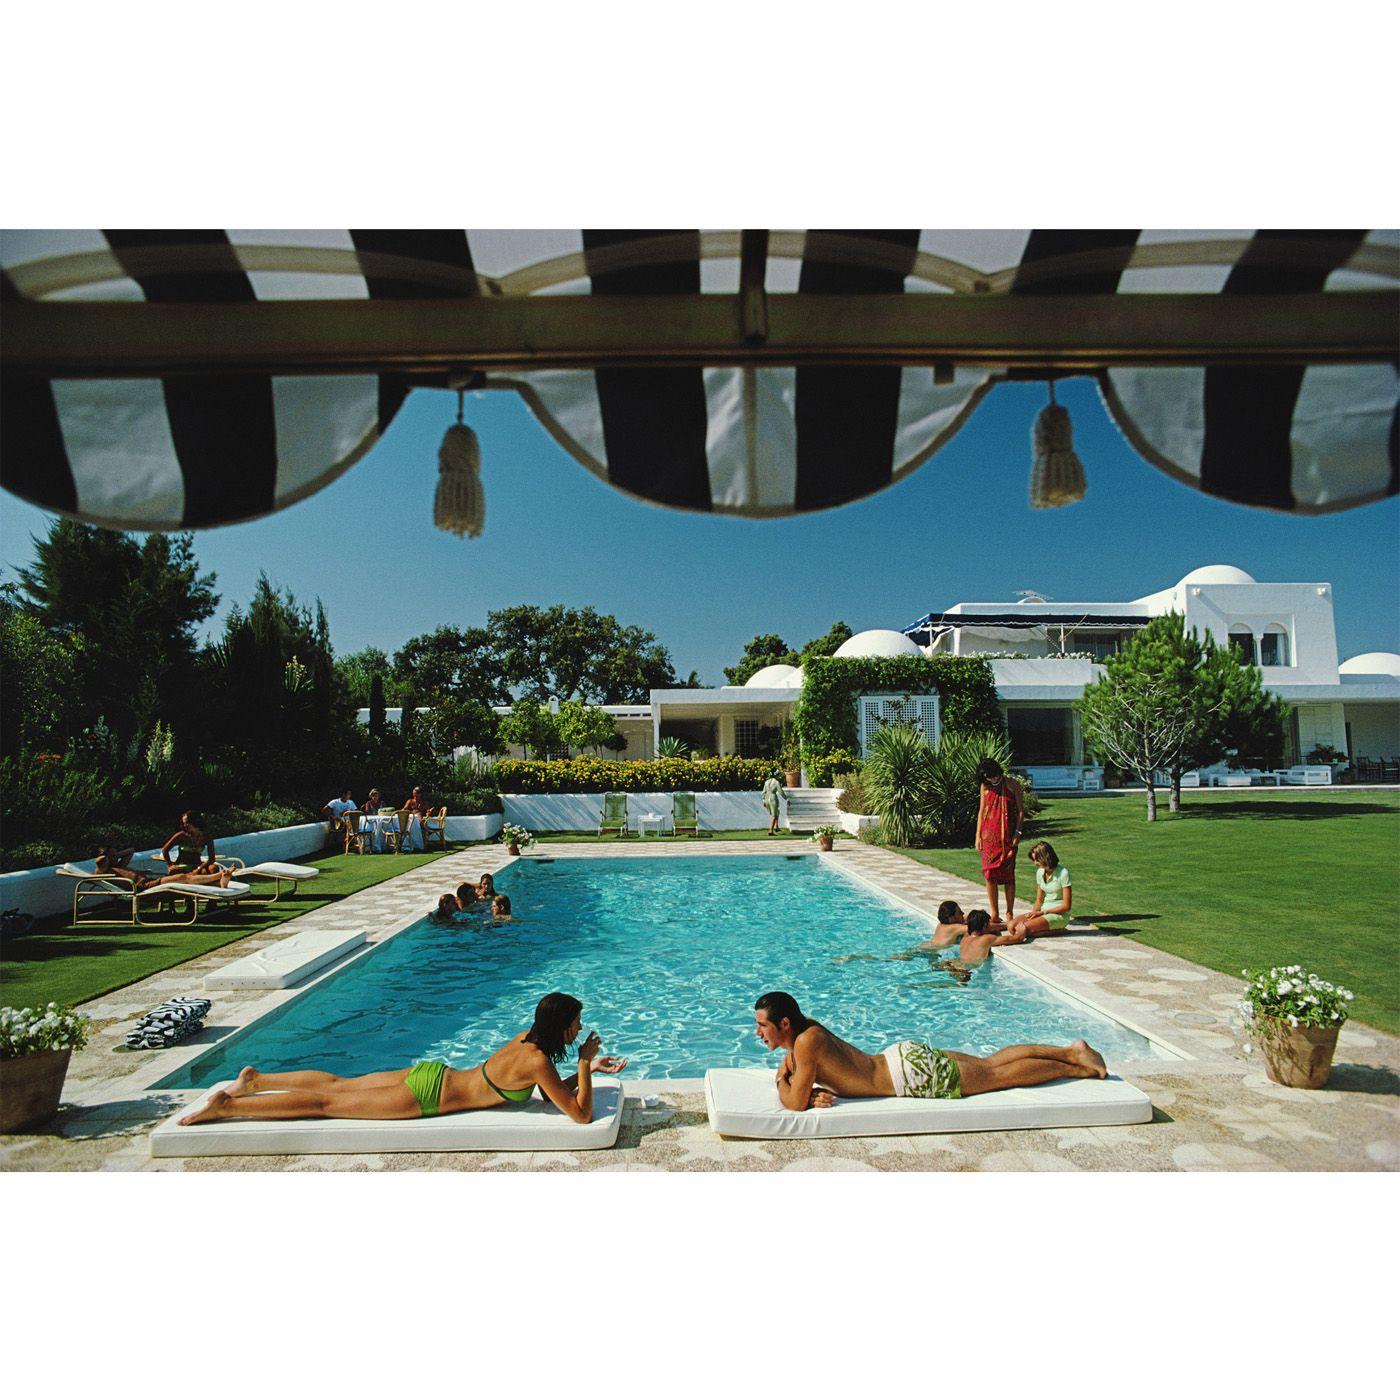 """Slim Aarons """"Poolside in Sotogrande"""" Photograph ..."""